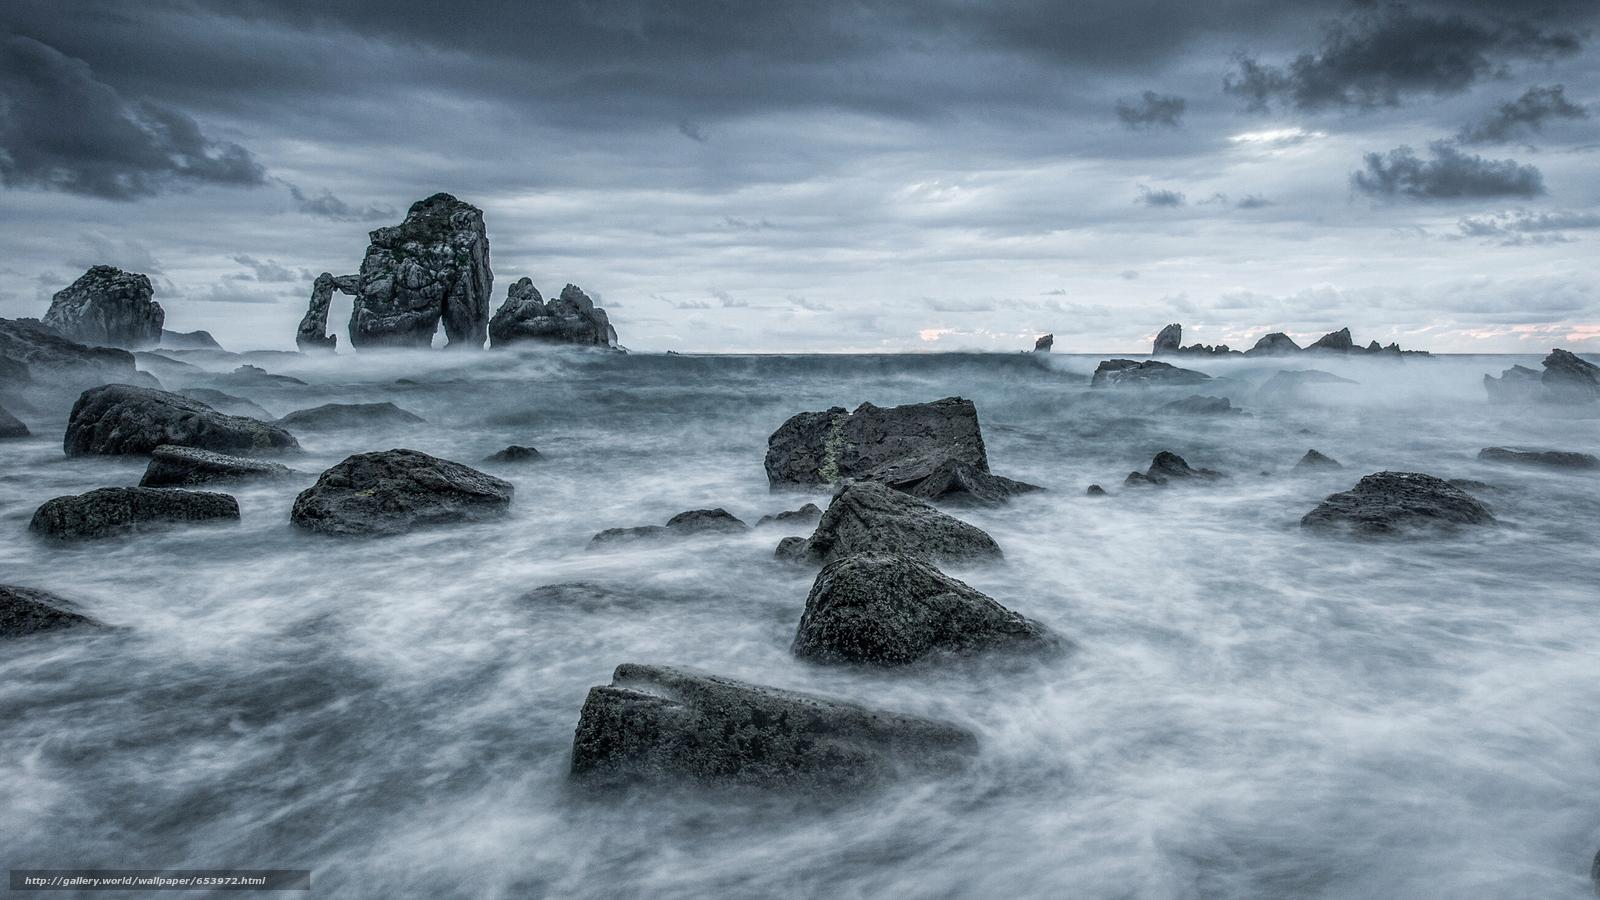 Скачать обои море,  океан,  водоем,  камни бесплатно для рабочего стола в разрешении 2048x1152 — картинка №653972